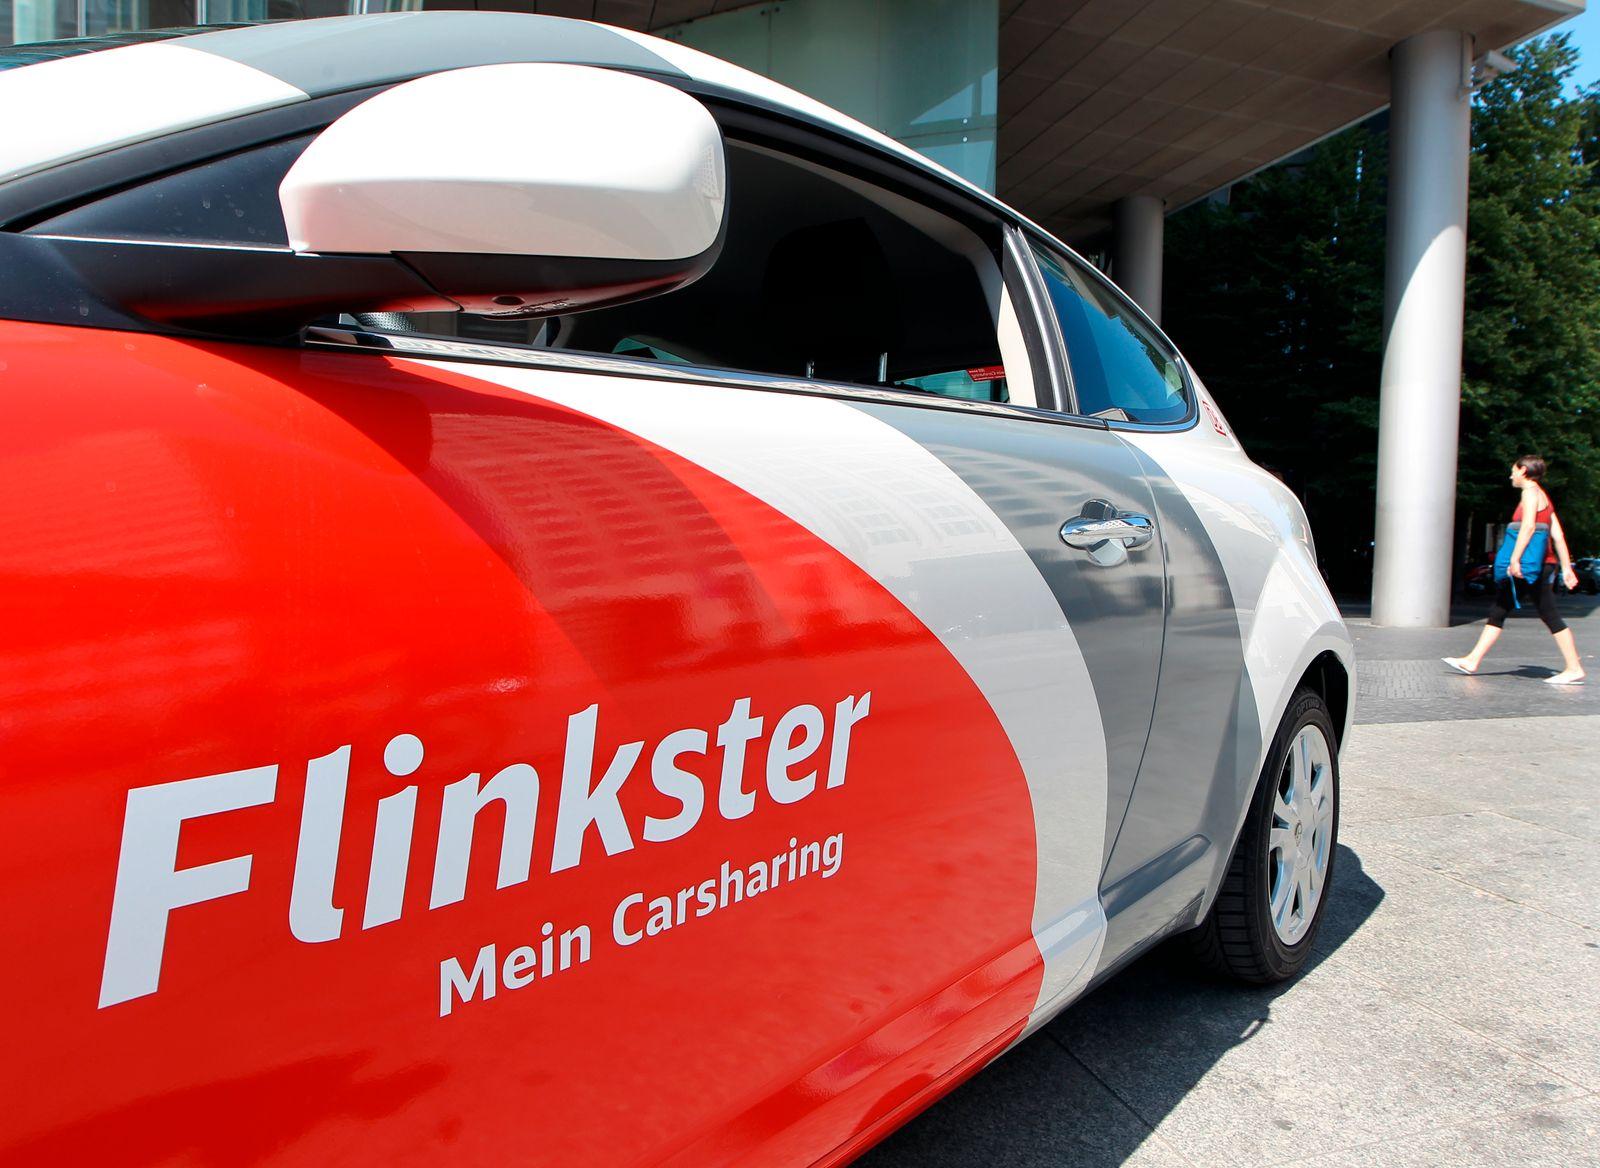 DB Carsharing Flinkster